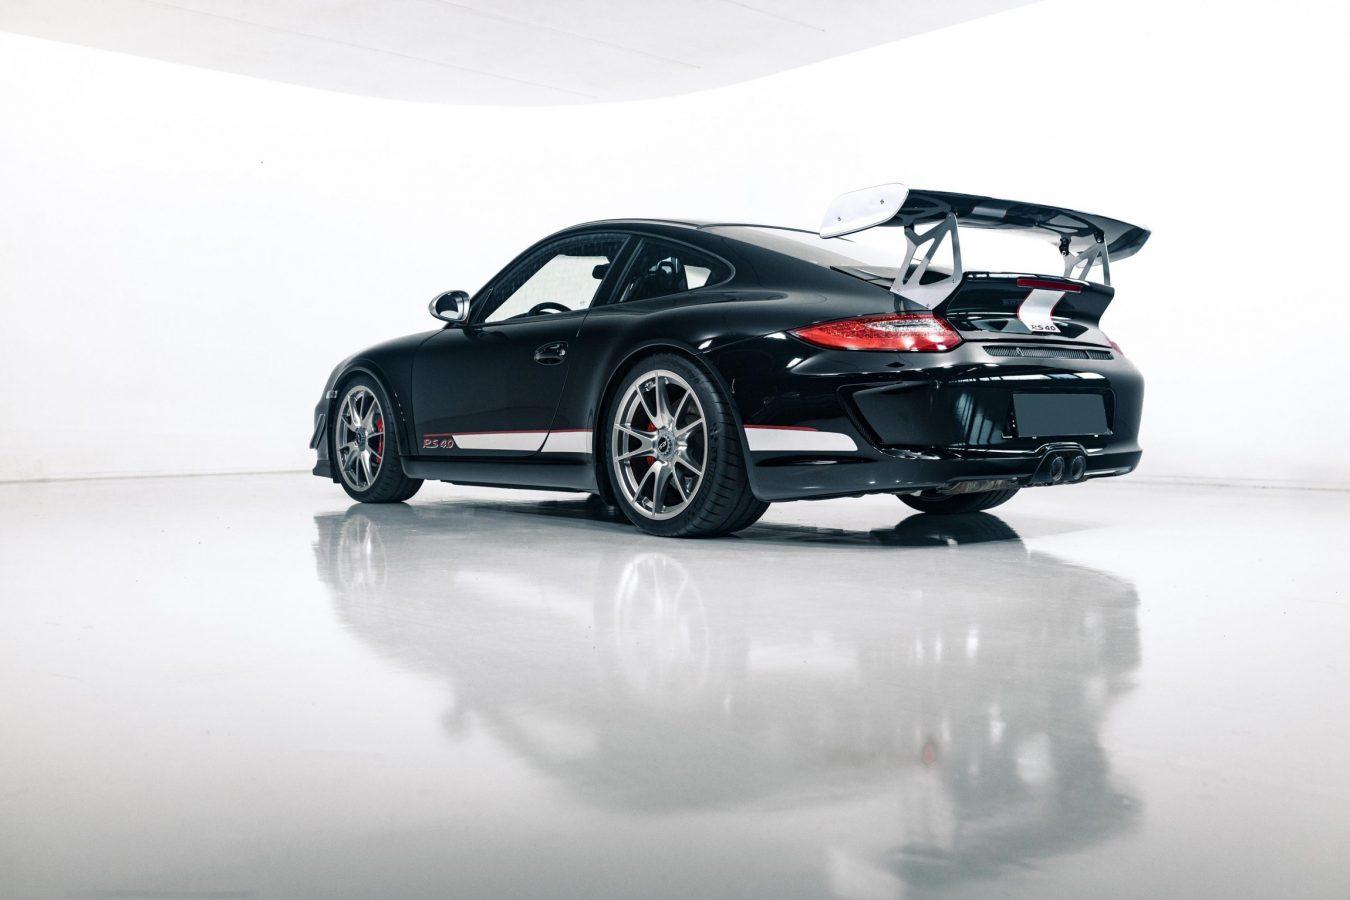 Porsche 997.2 GT3 23